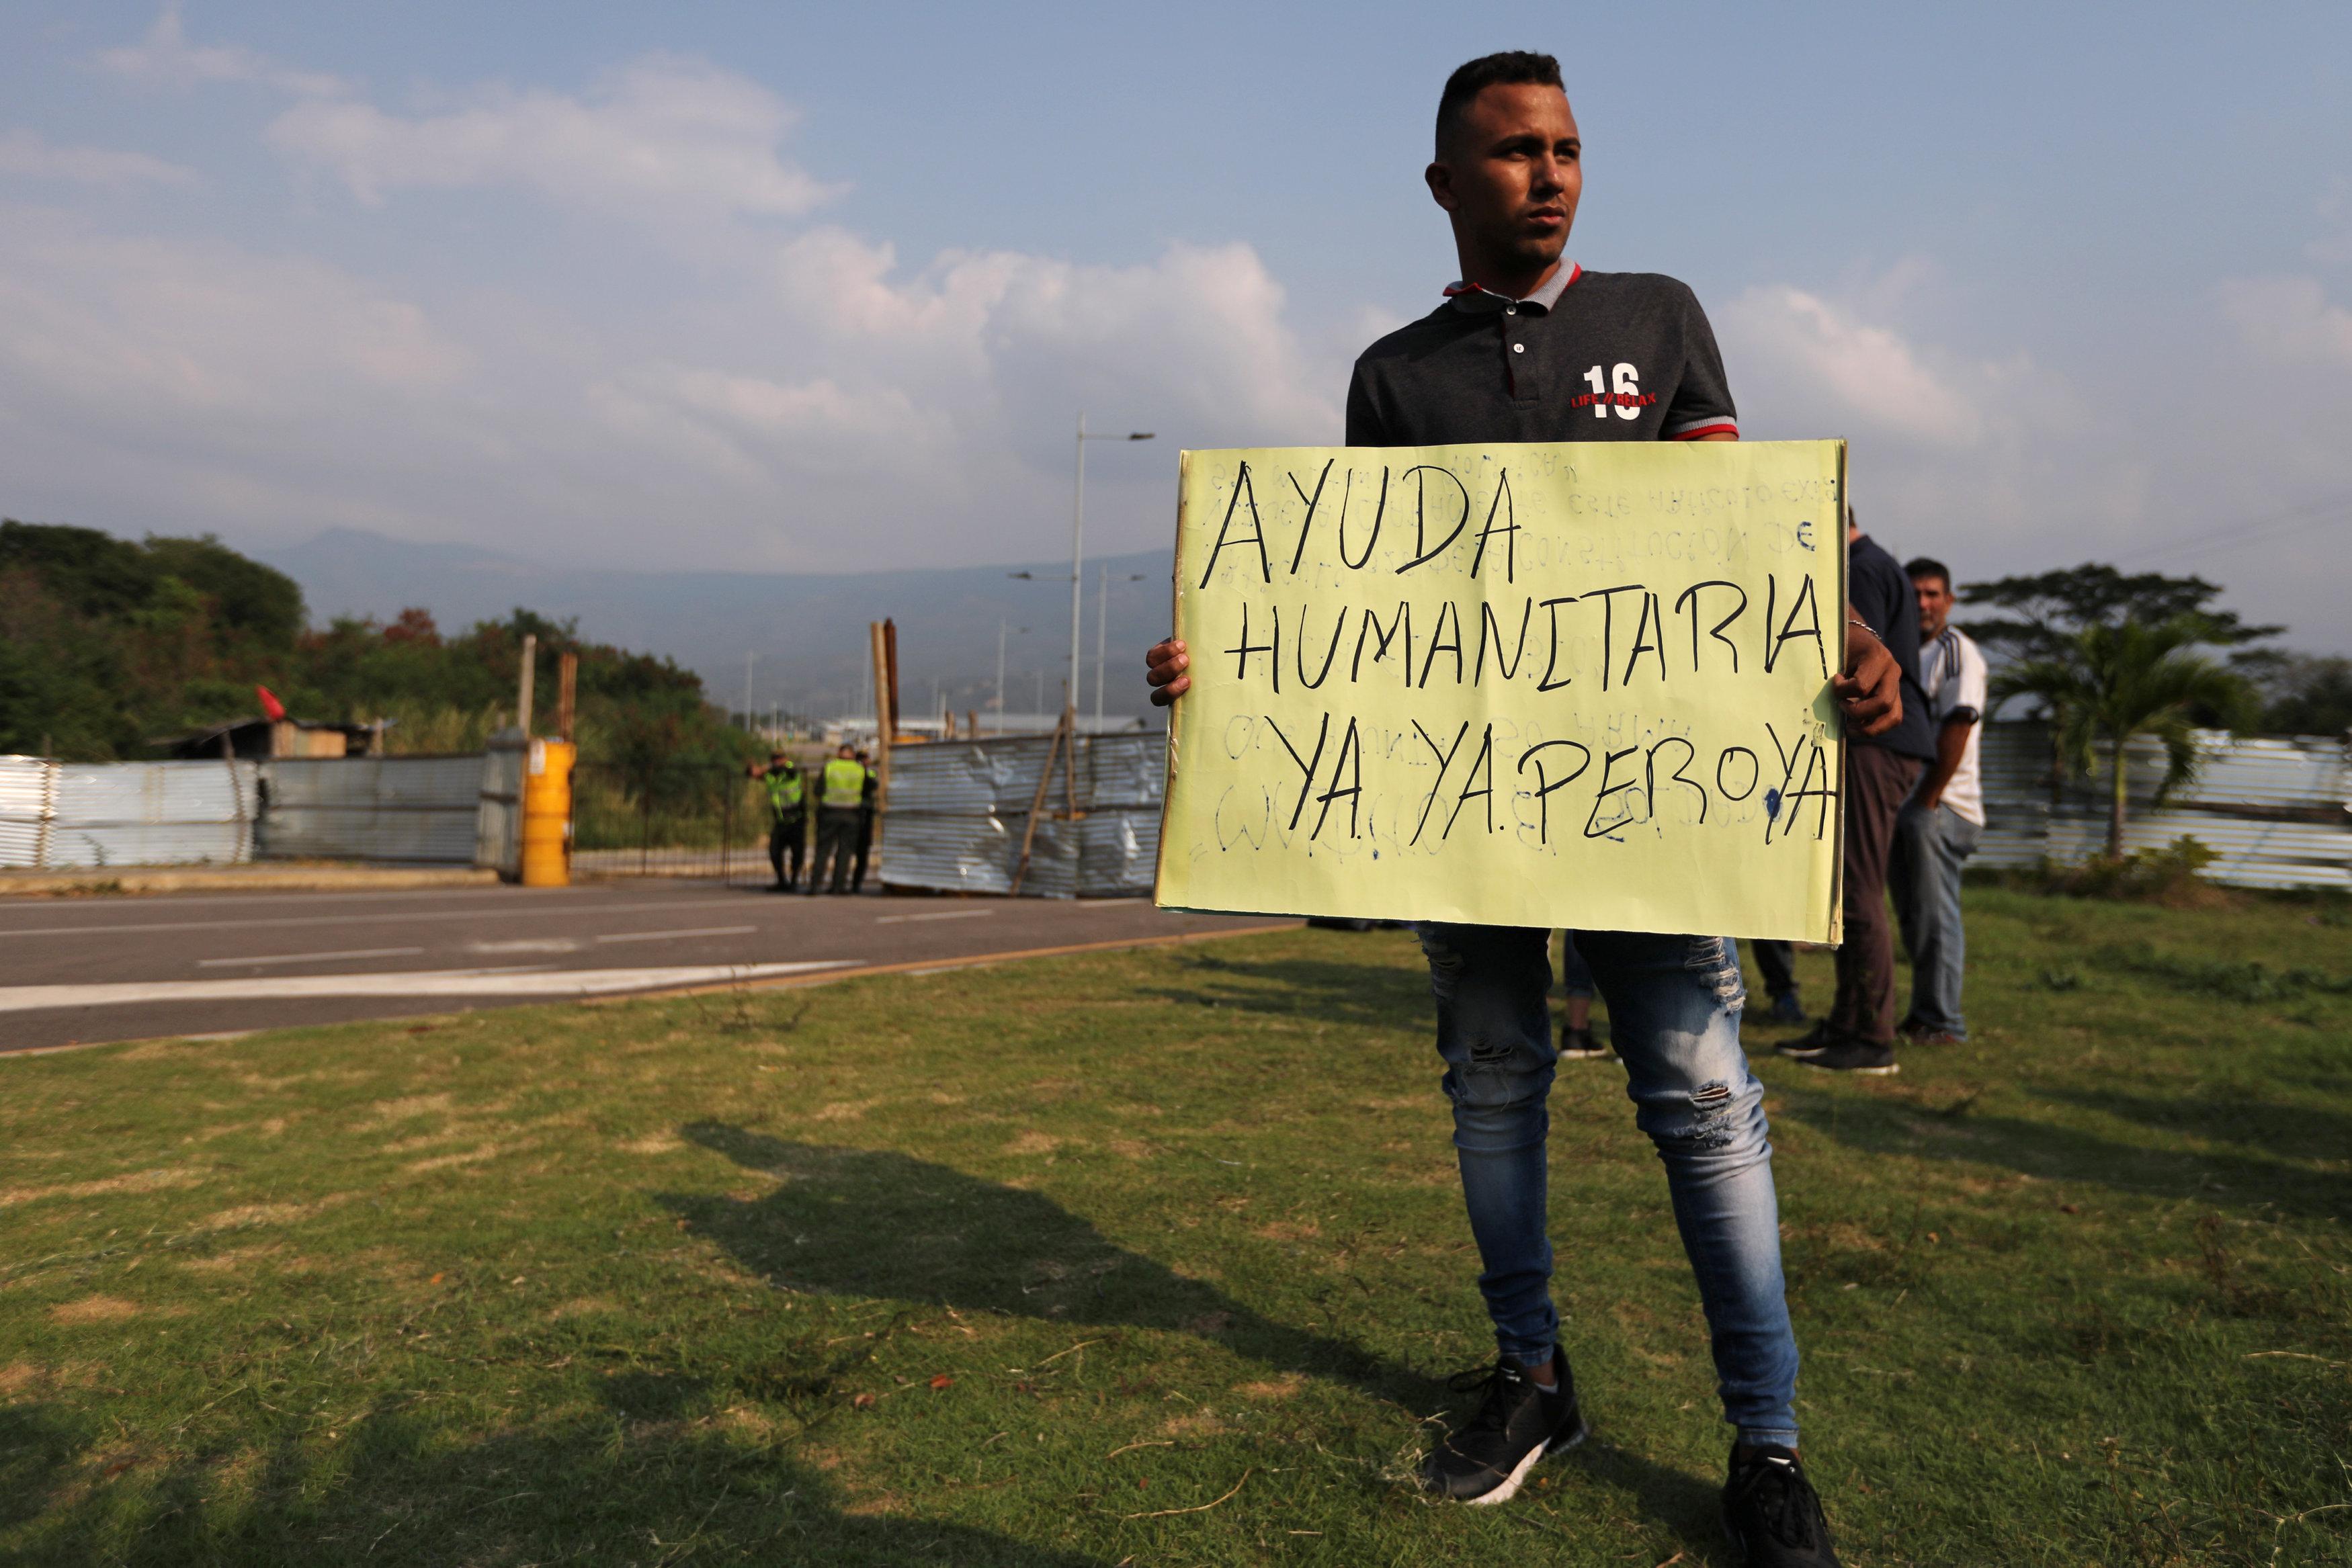 En las cercanías de Tienditas el movimiento se mantiene como todos los días, salvo por unos curiosos y otros manifestantes. Algunos de ellos son venezolanos que viven en Cúcuta y buscan que se les entregue la ayuda humanitaria, ante lo cual el Gobierno colombiano ha recalcado que no deben permanecer en el lugar porque la asistencia está dirigida a quienes están del otro lado de la línea limítrofe